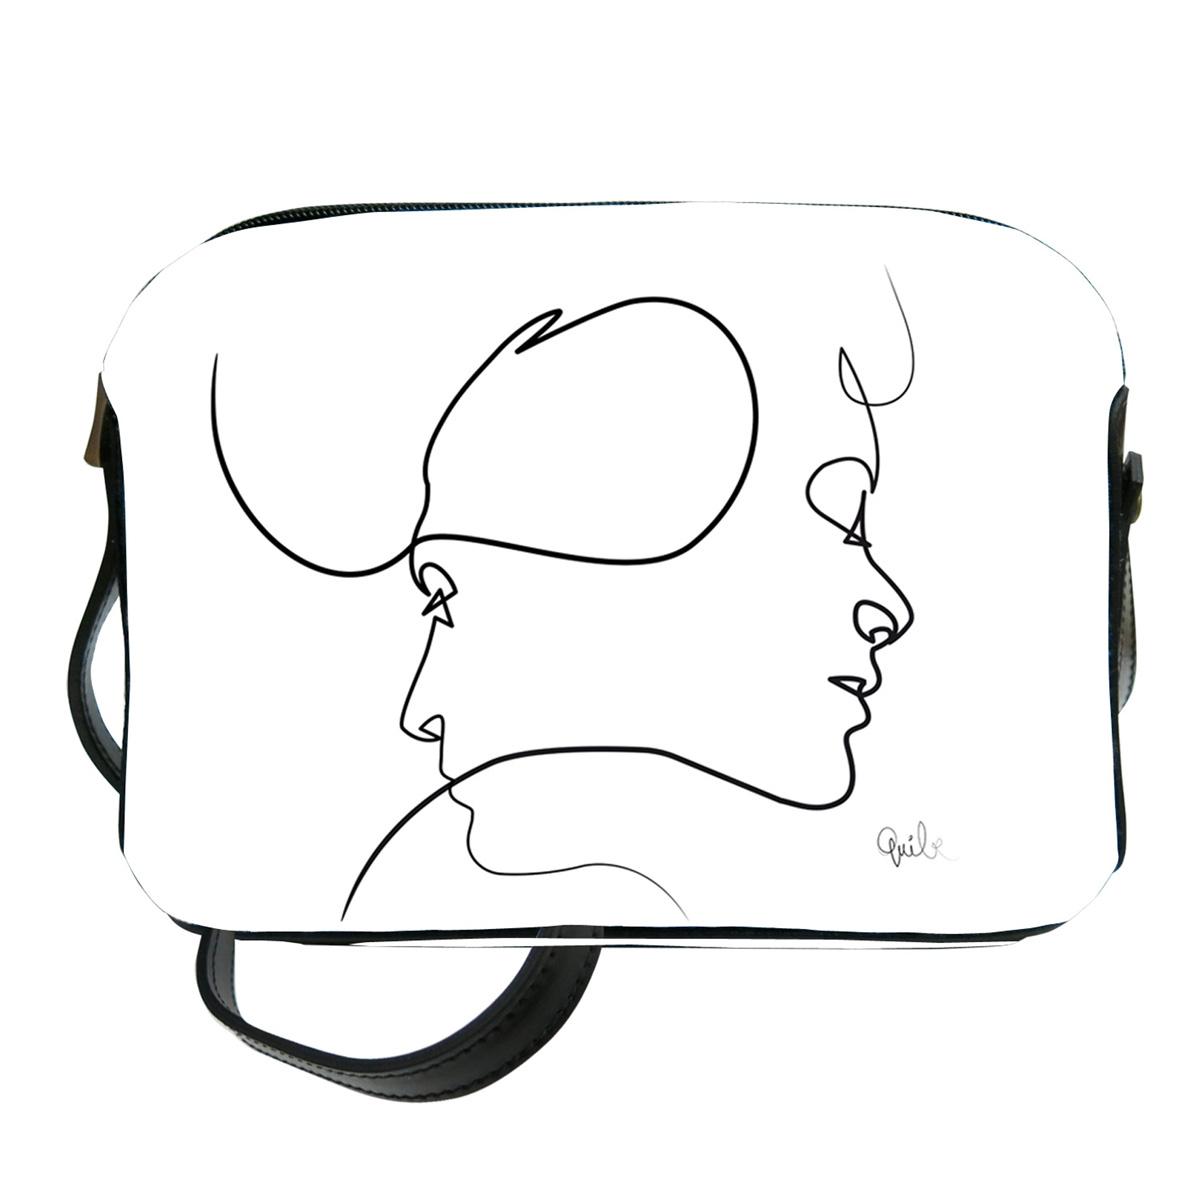 Sac bandoulière artisanal \'Quibe\' blanc noir (Presque - visages)  - 23x17x6 cm - [A0332]